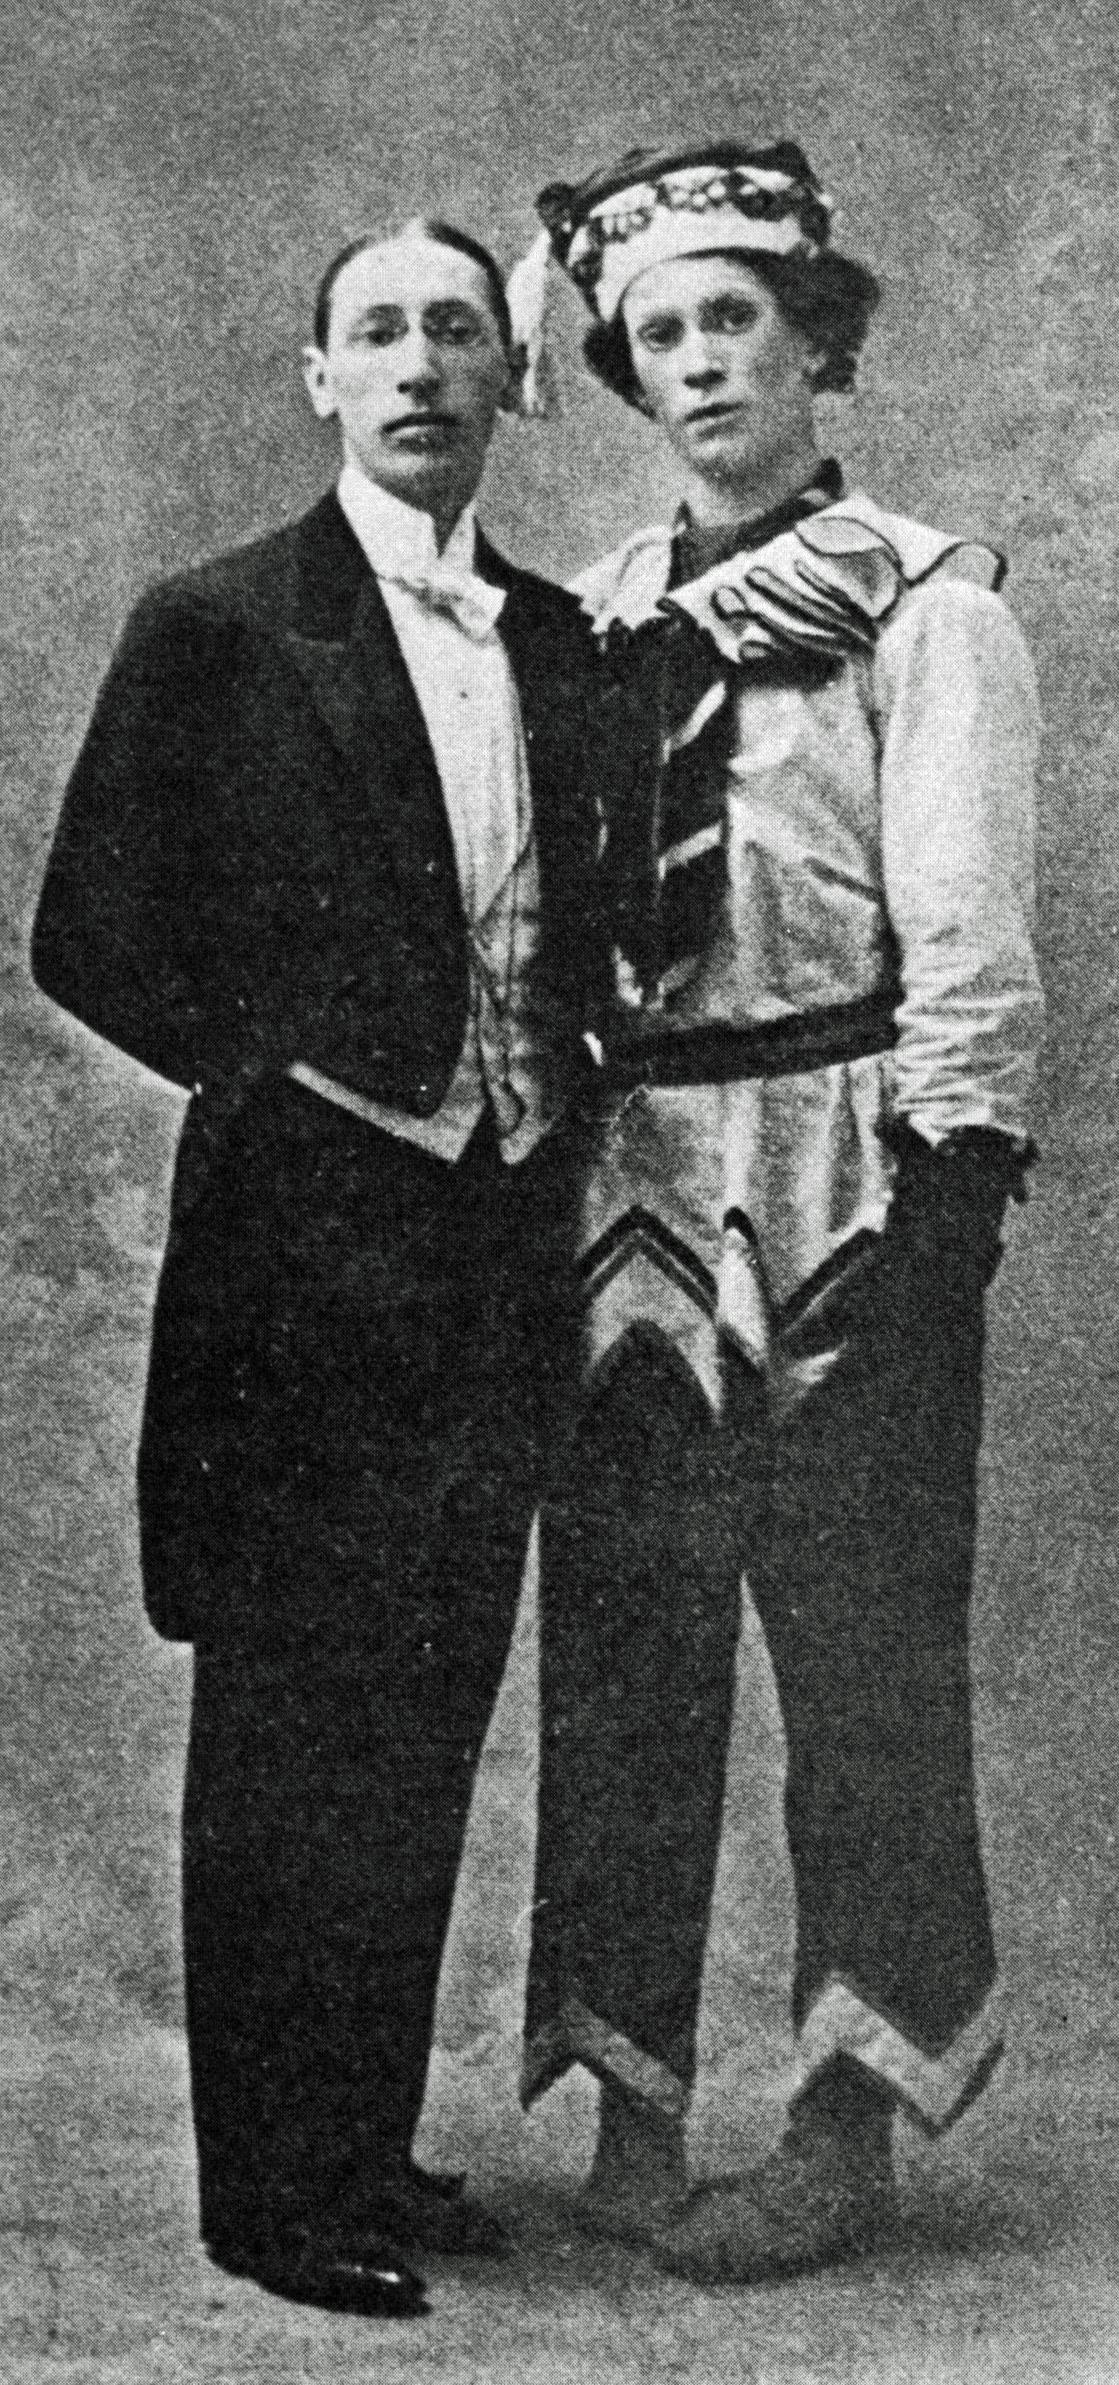 """Ο Νιζίνσκι και ο Στραβίνσκι στο ανέβασμα της """"Πετρούσκα"""""""